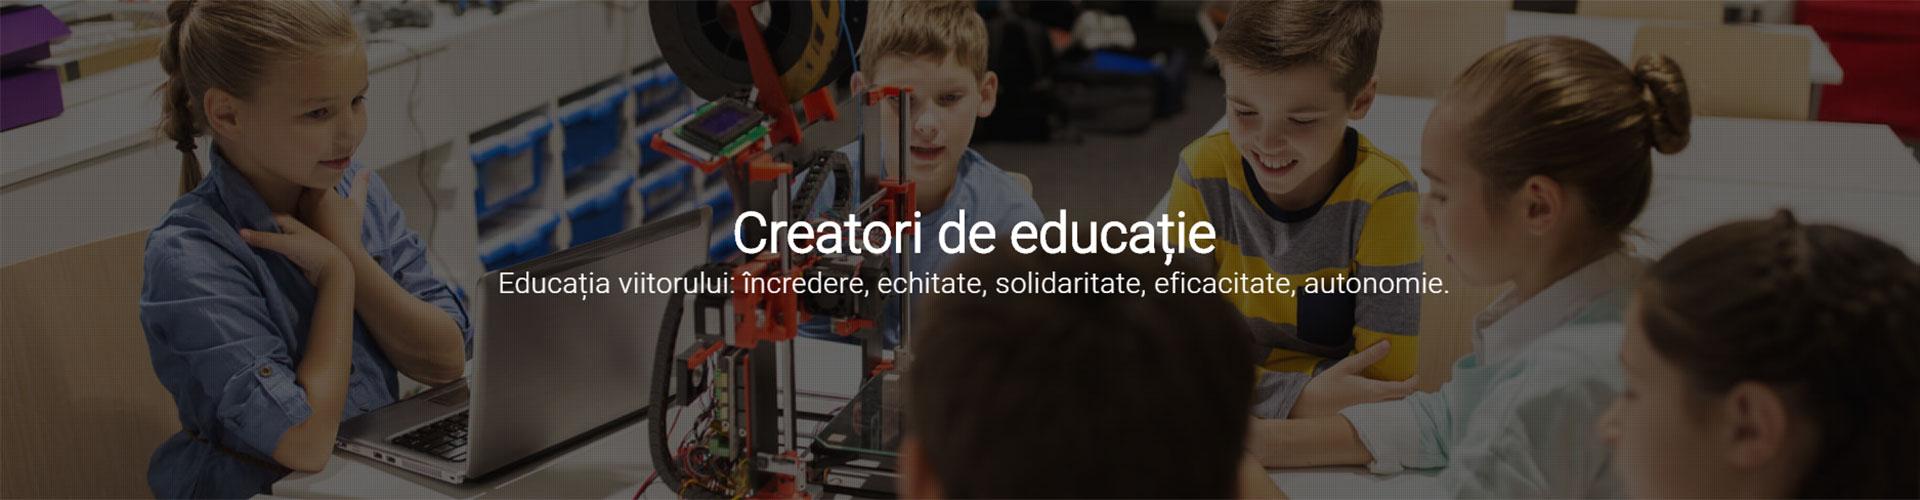 creatori-educatie